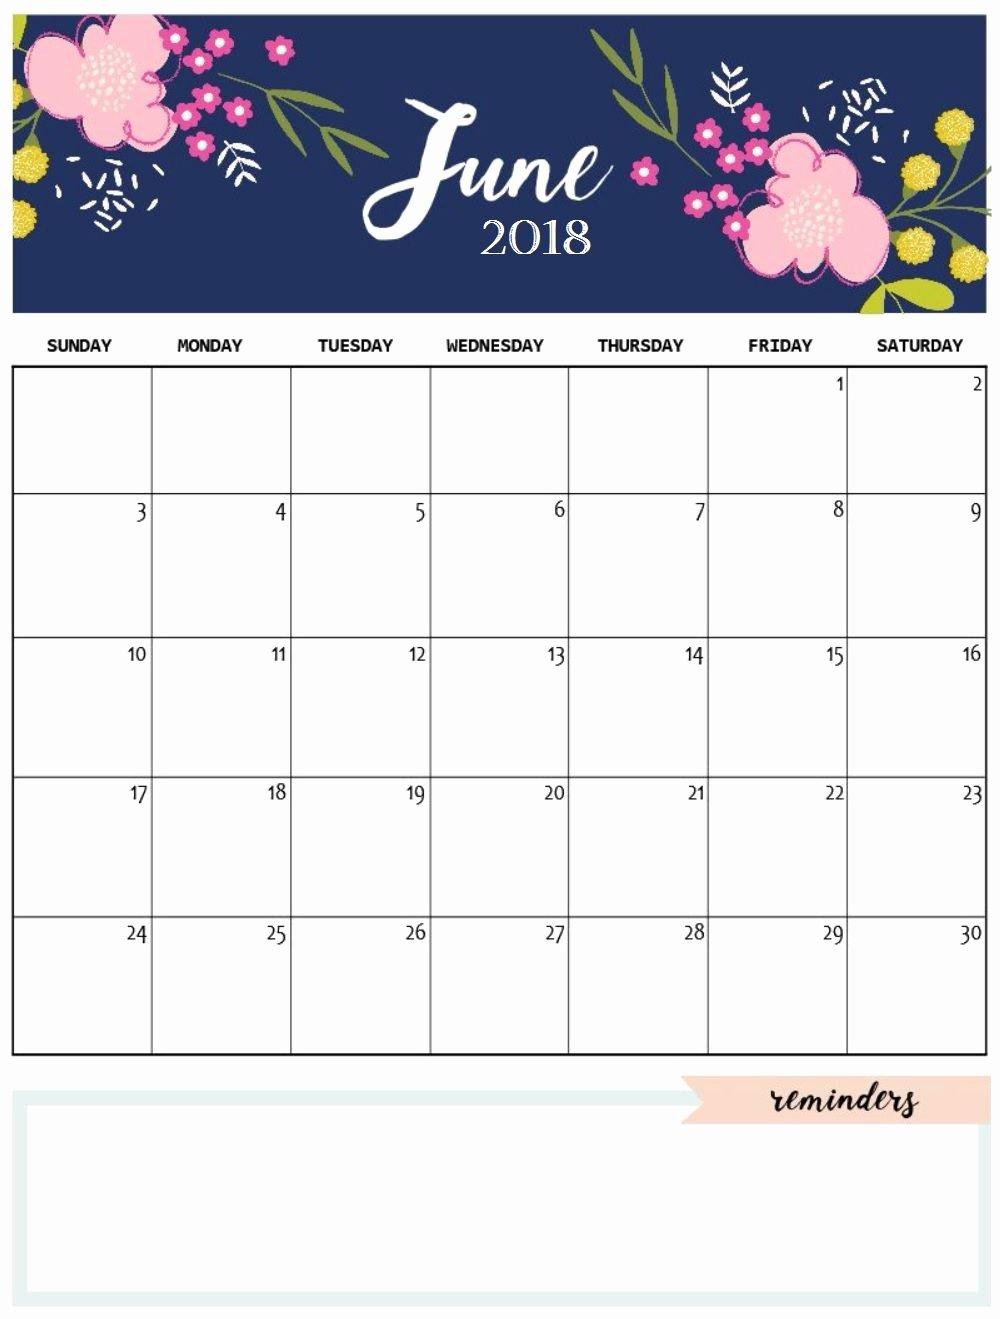 2019 Cute Calendar Printable New June 2018 Cute Calendar Maxcalendars